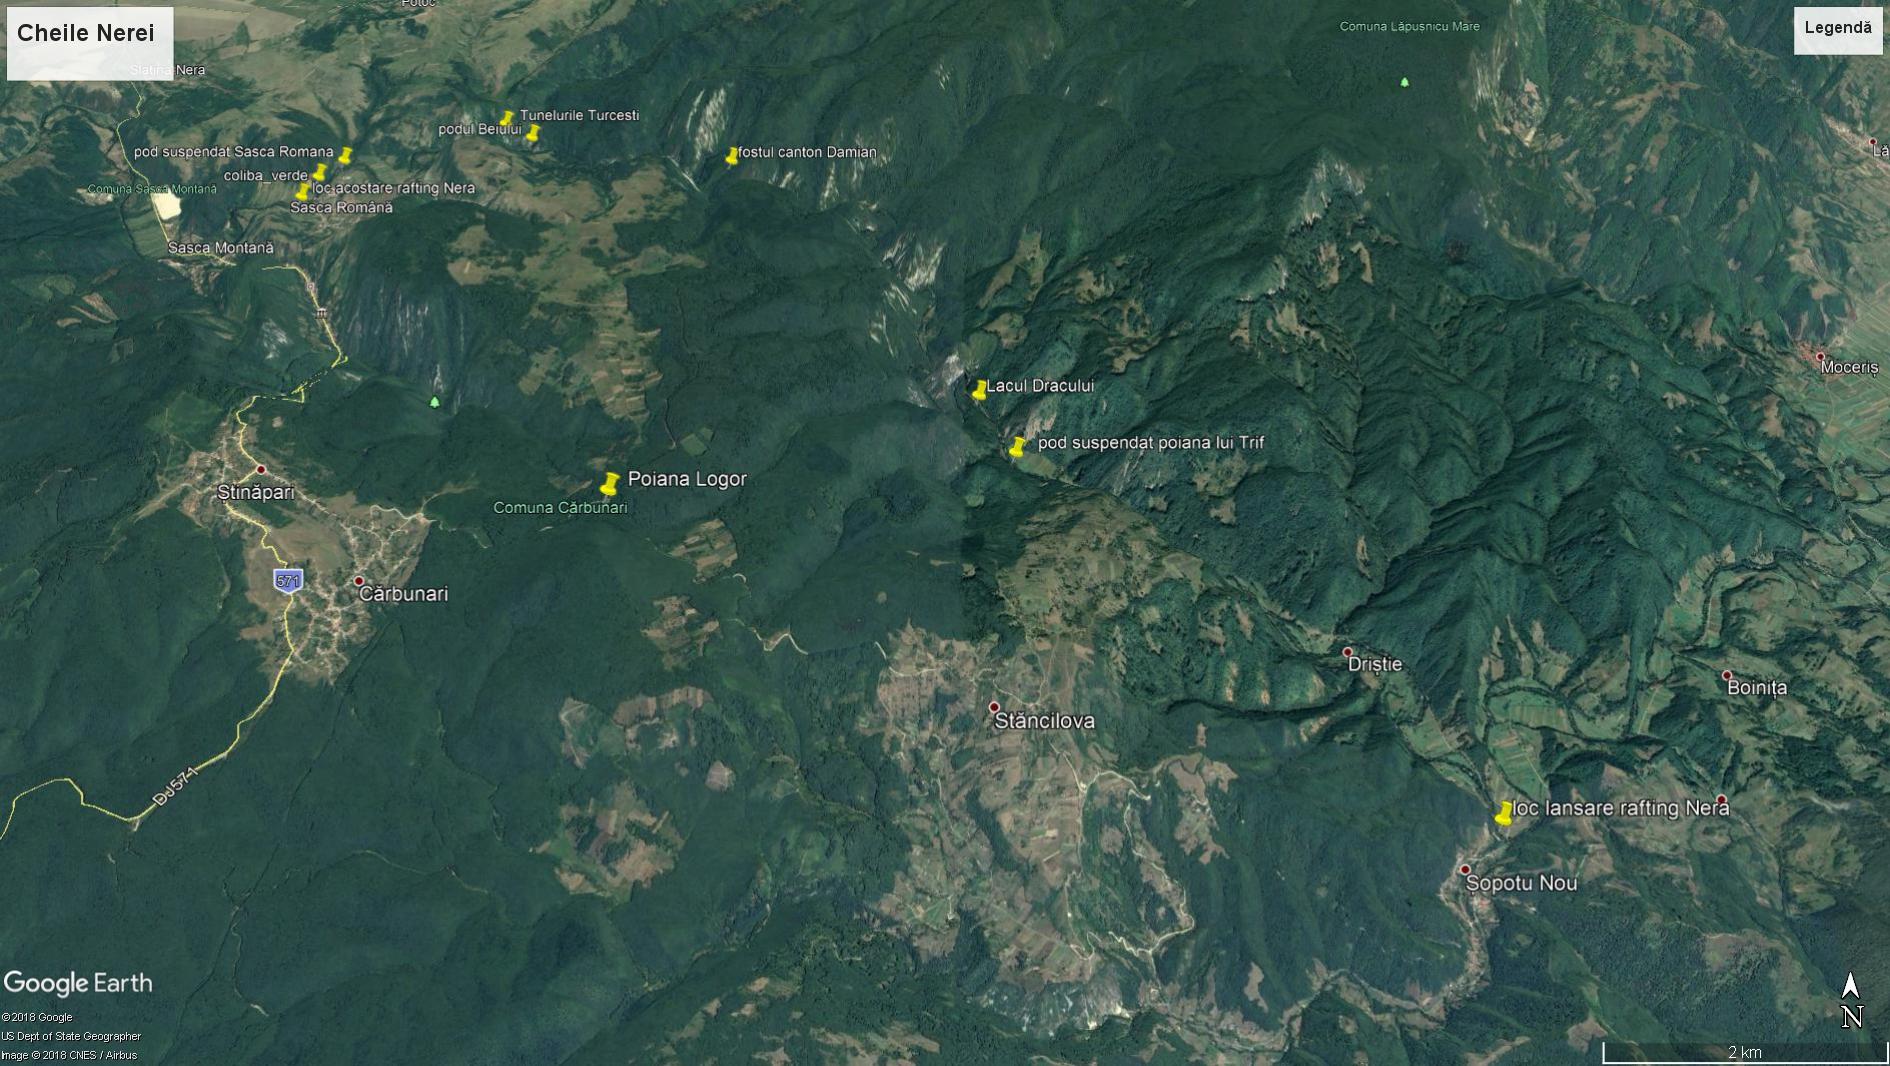 harta cheile nerei Nerei gorges map